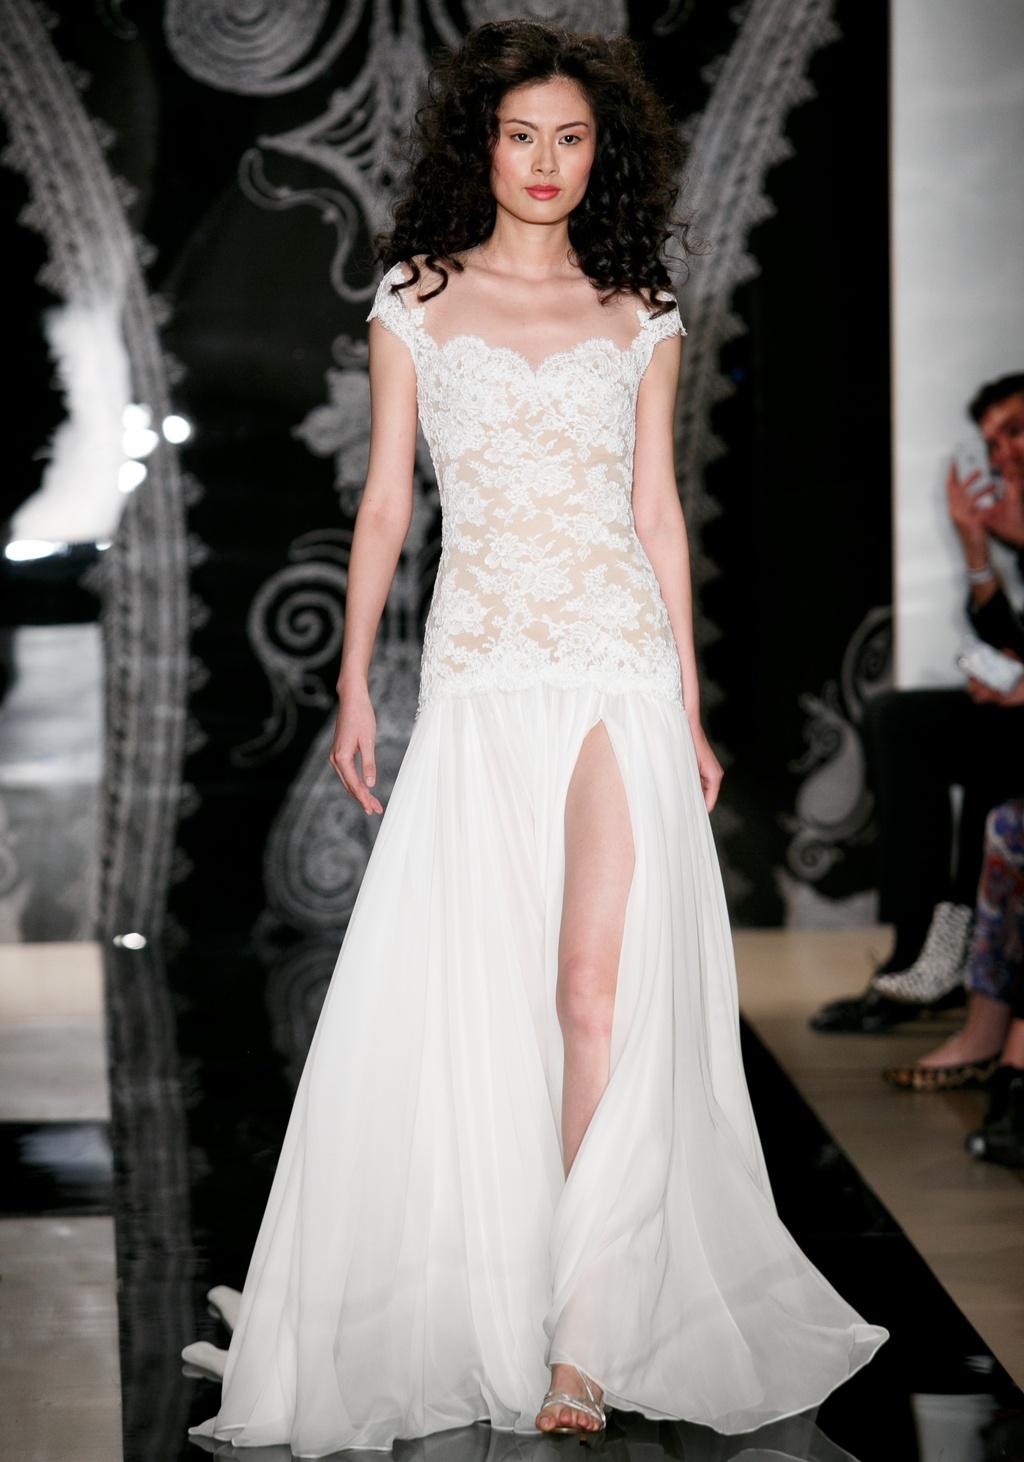 Reem-acra-wedding-dress-spring-2014-bridal-teng-teng.full